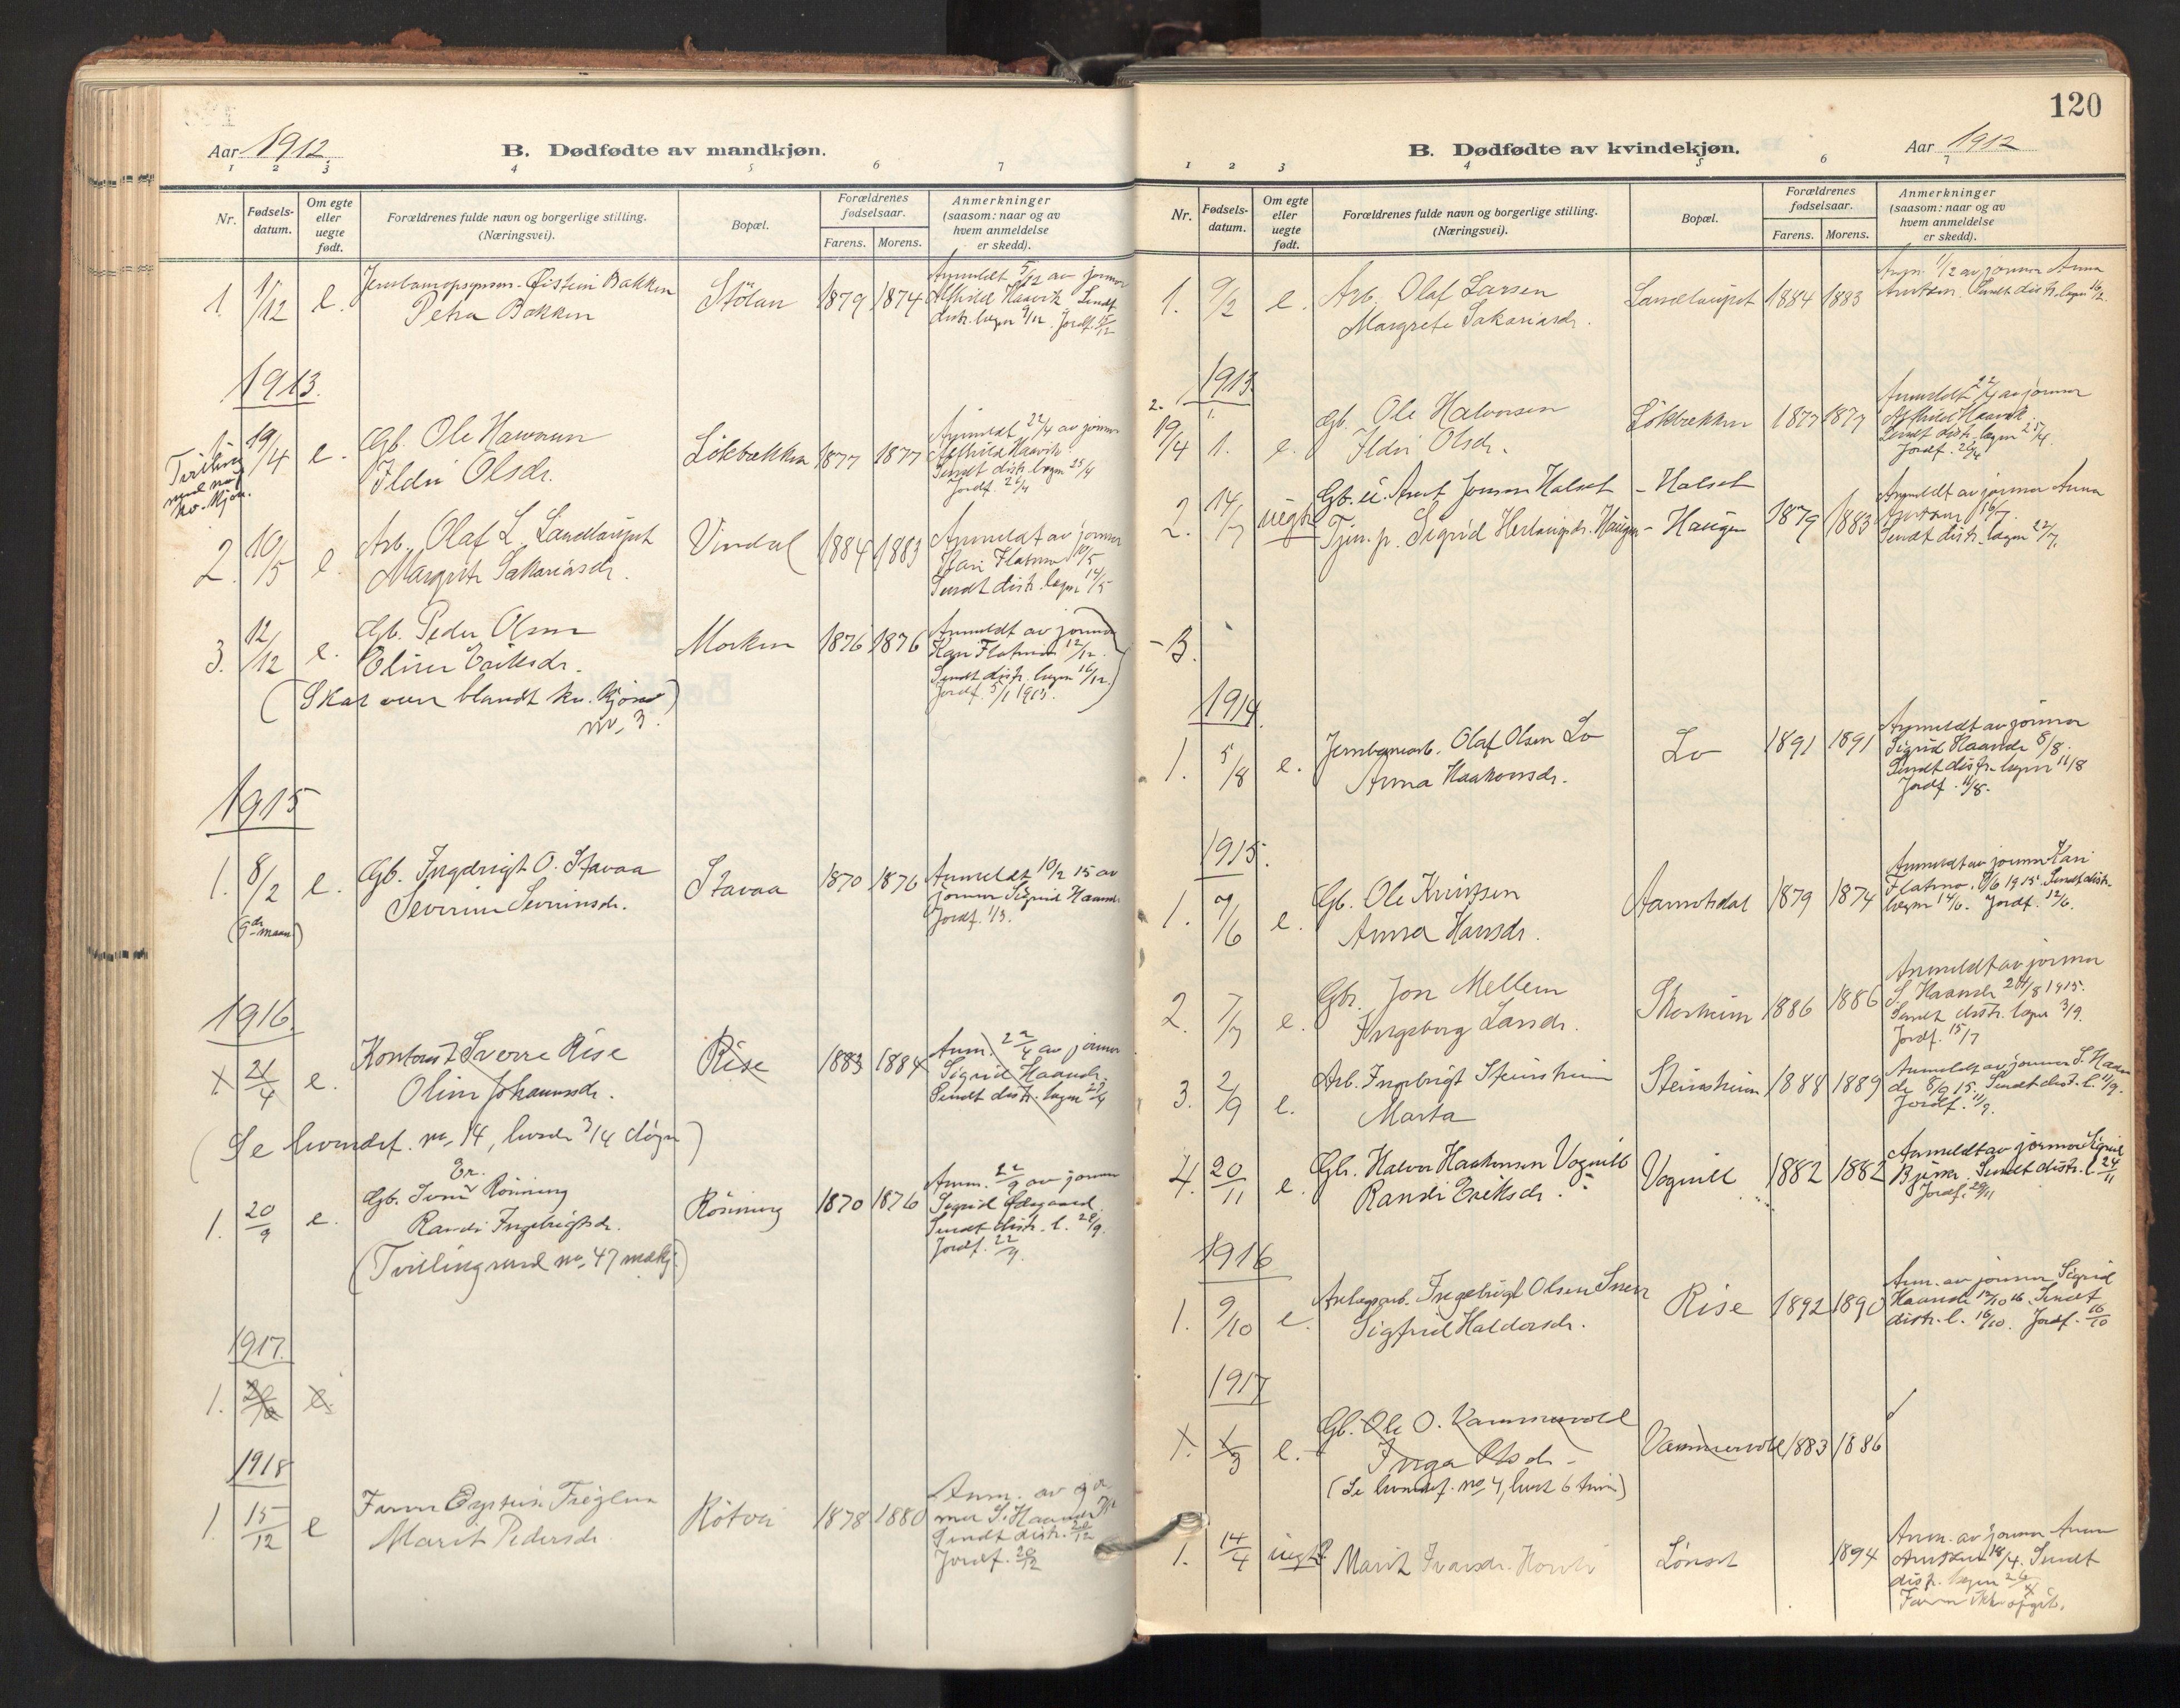 SAT, Ministerialprotokoller, klokkerbøker og fødselsregistre - Sør-Trøndelag, 678/L0909: Ministerialbok nr. 678A17, 1912-1930, s. 120